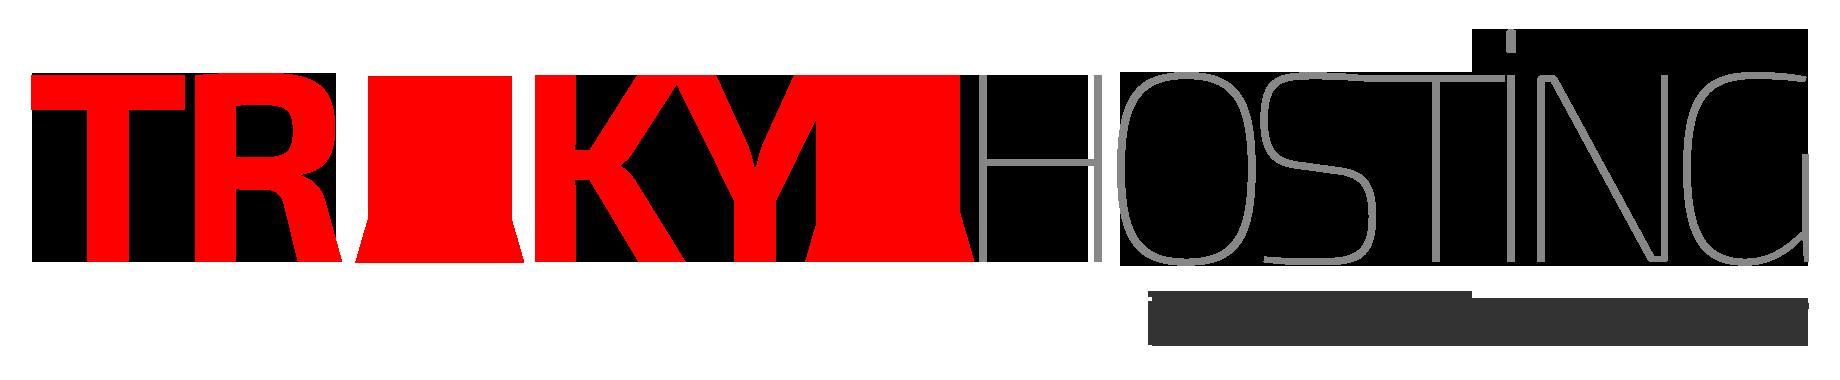 XML Entegrasyonu (Ürün Alma) | Trakya Hosting